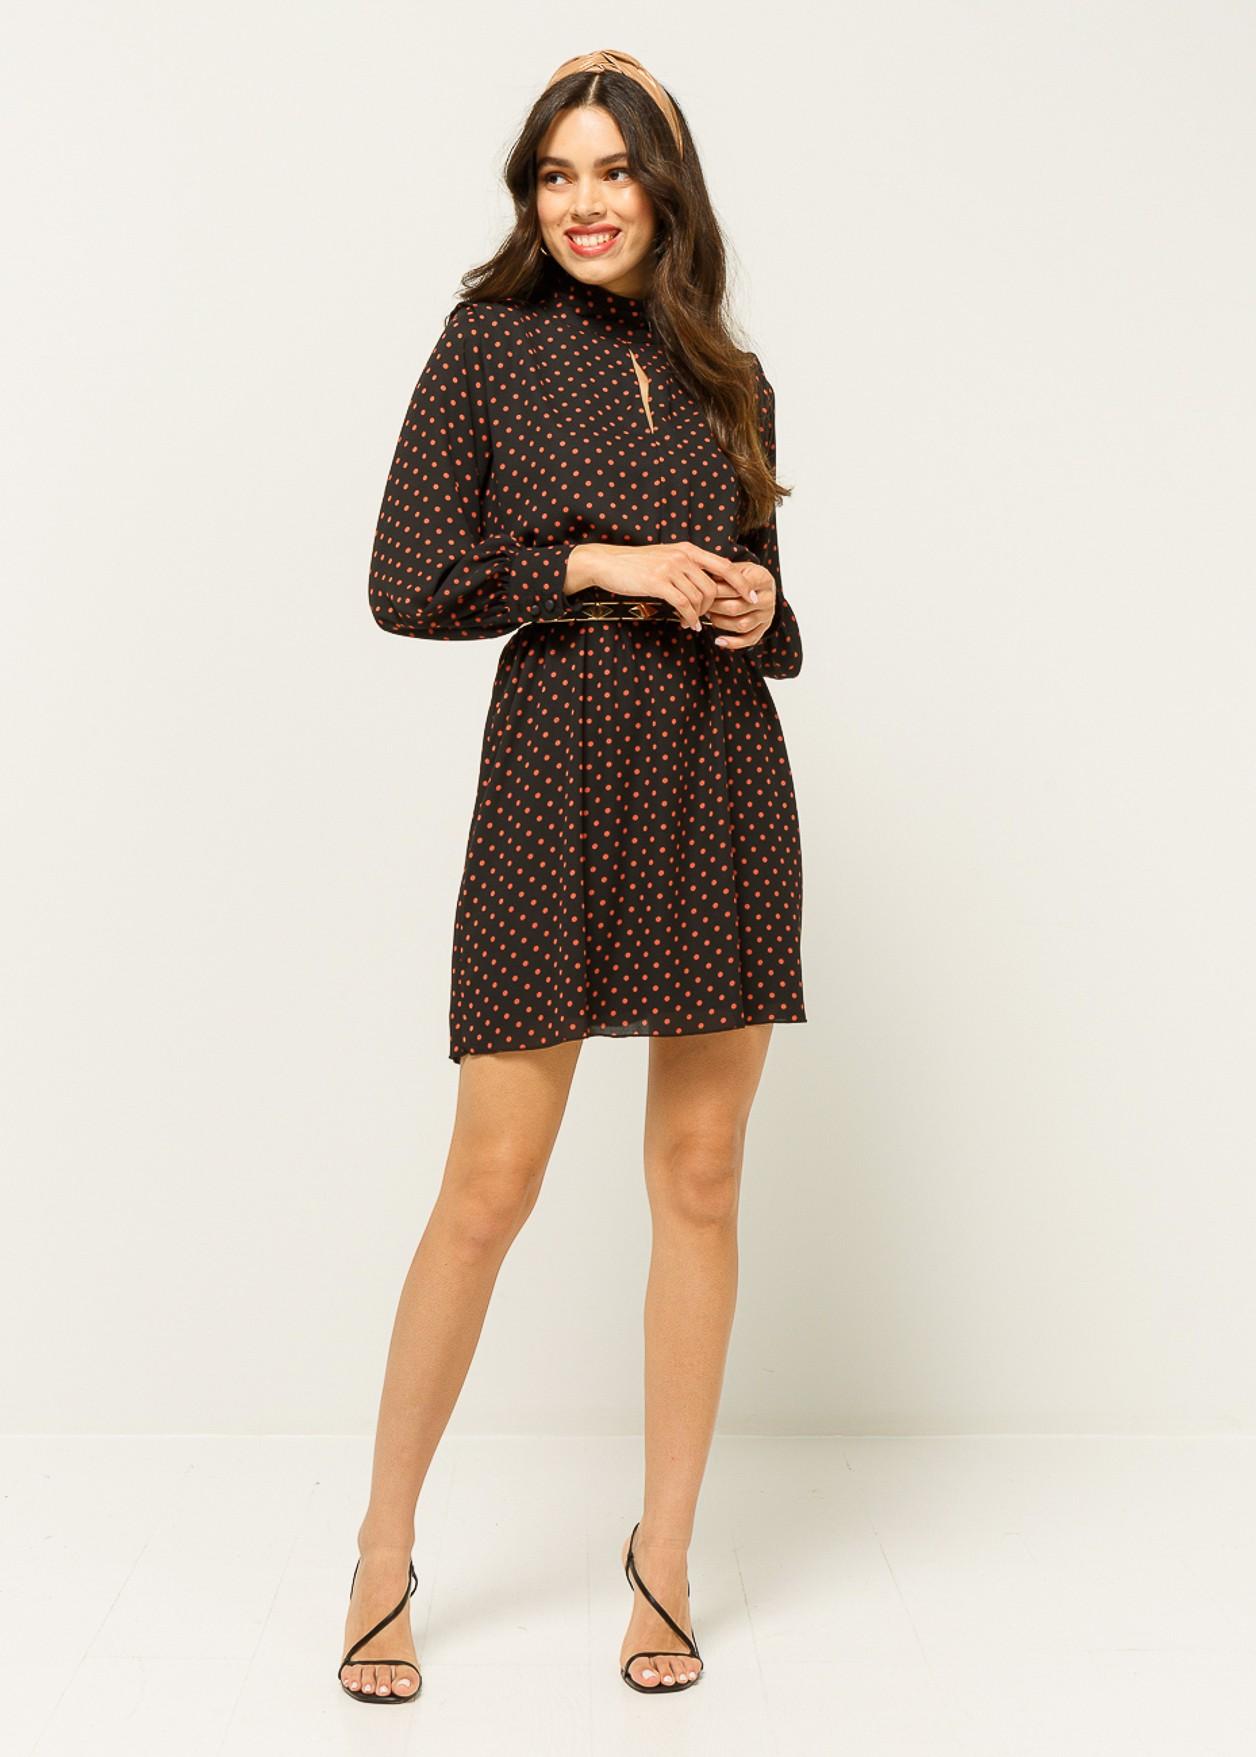 Mini dress with polka dots